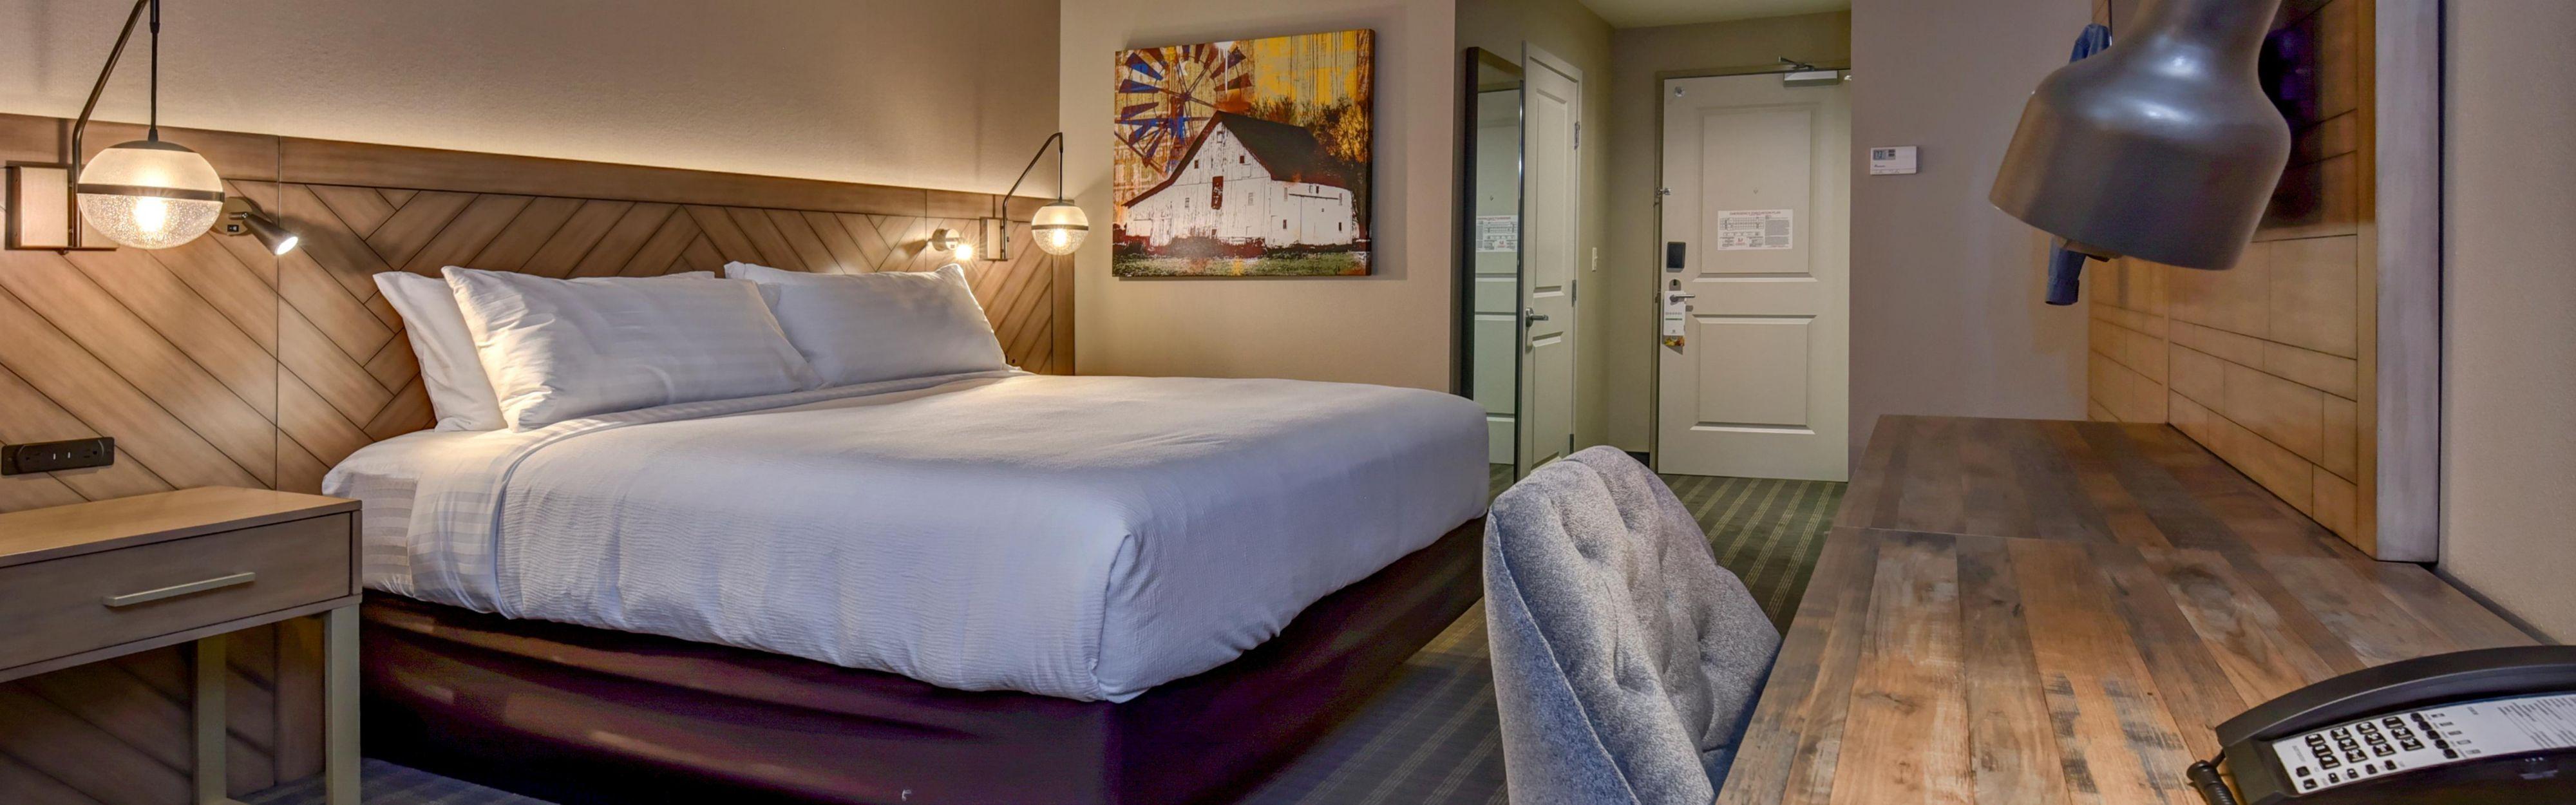 Holiday Inn Nampa image 1